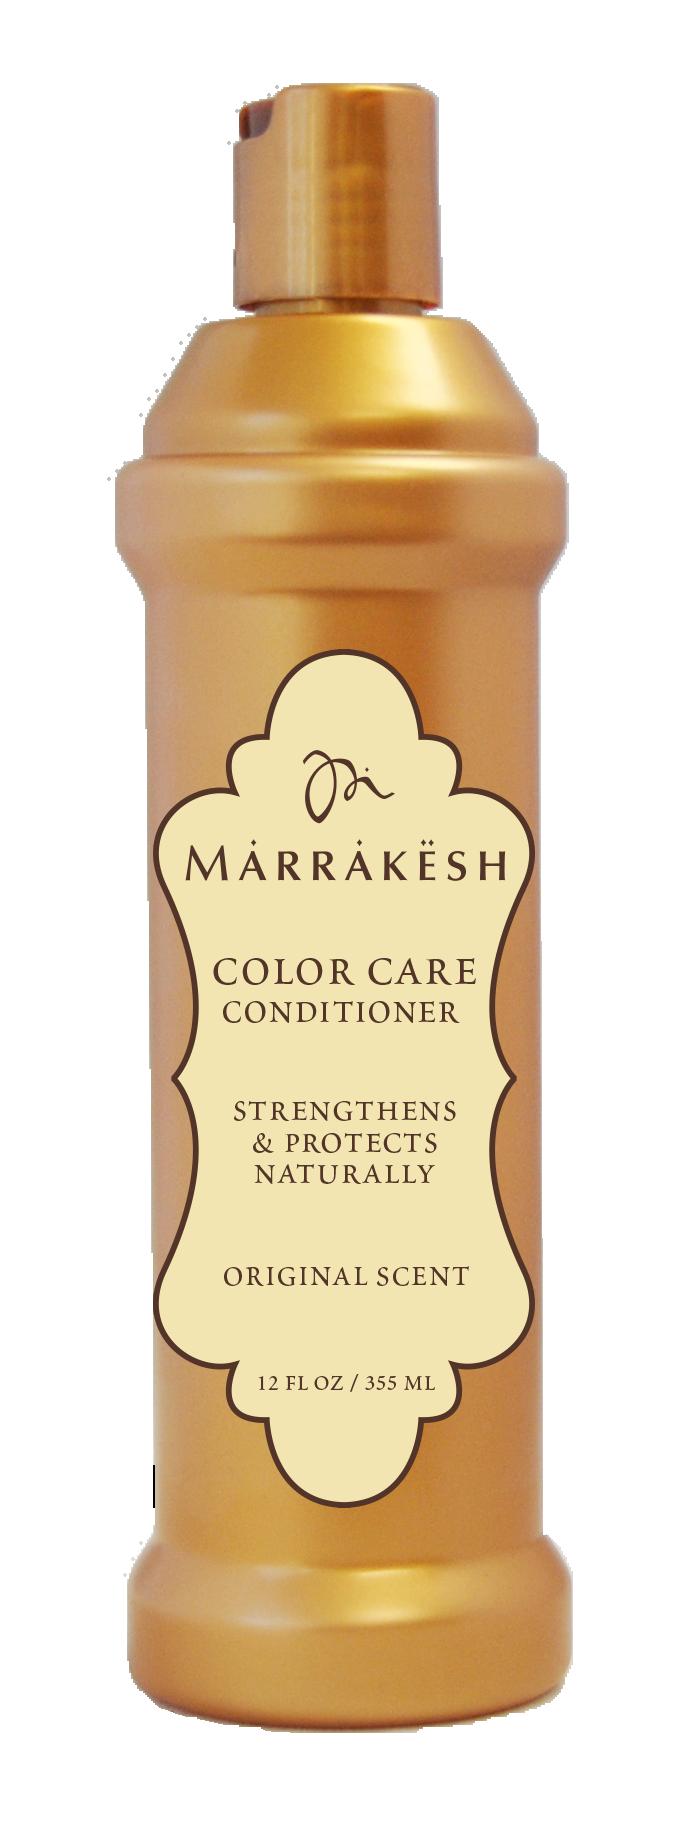 все цены на MARRAKESH Кондиционер для окрашенных волос / Marrakesh Color Care Conditioner Original 355 мл онлайн